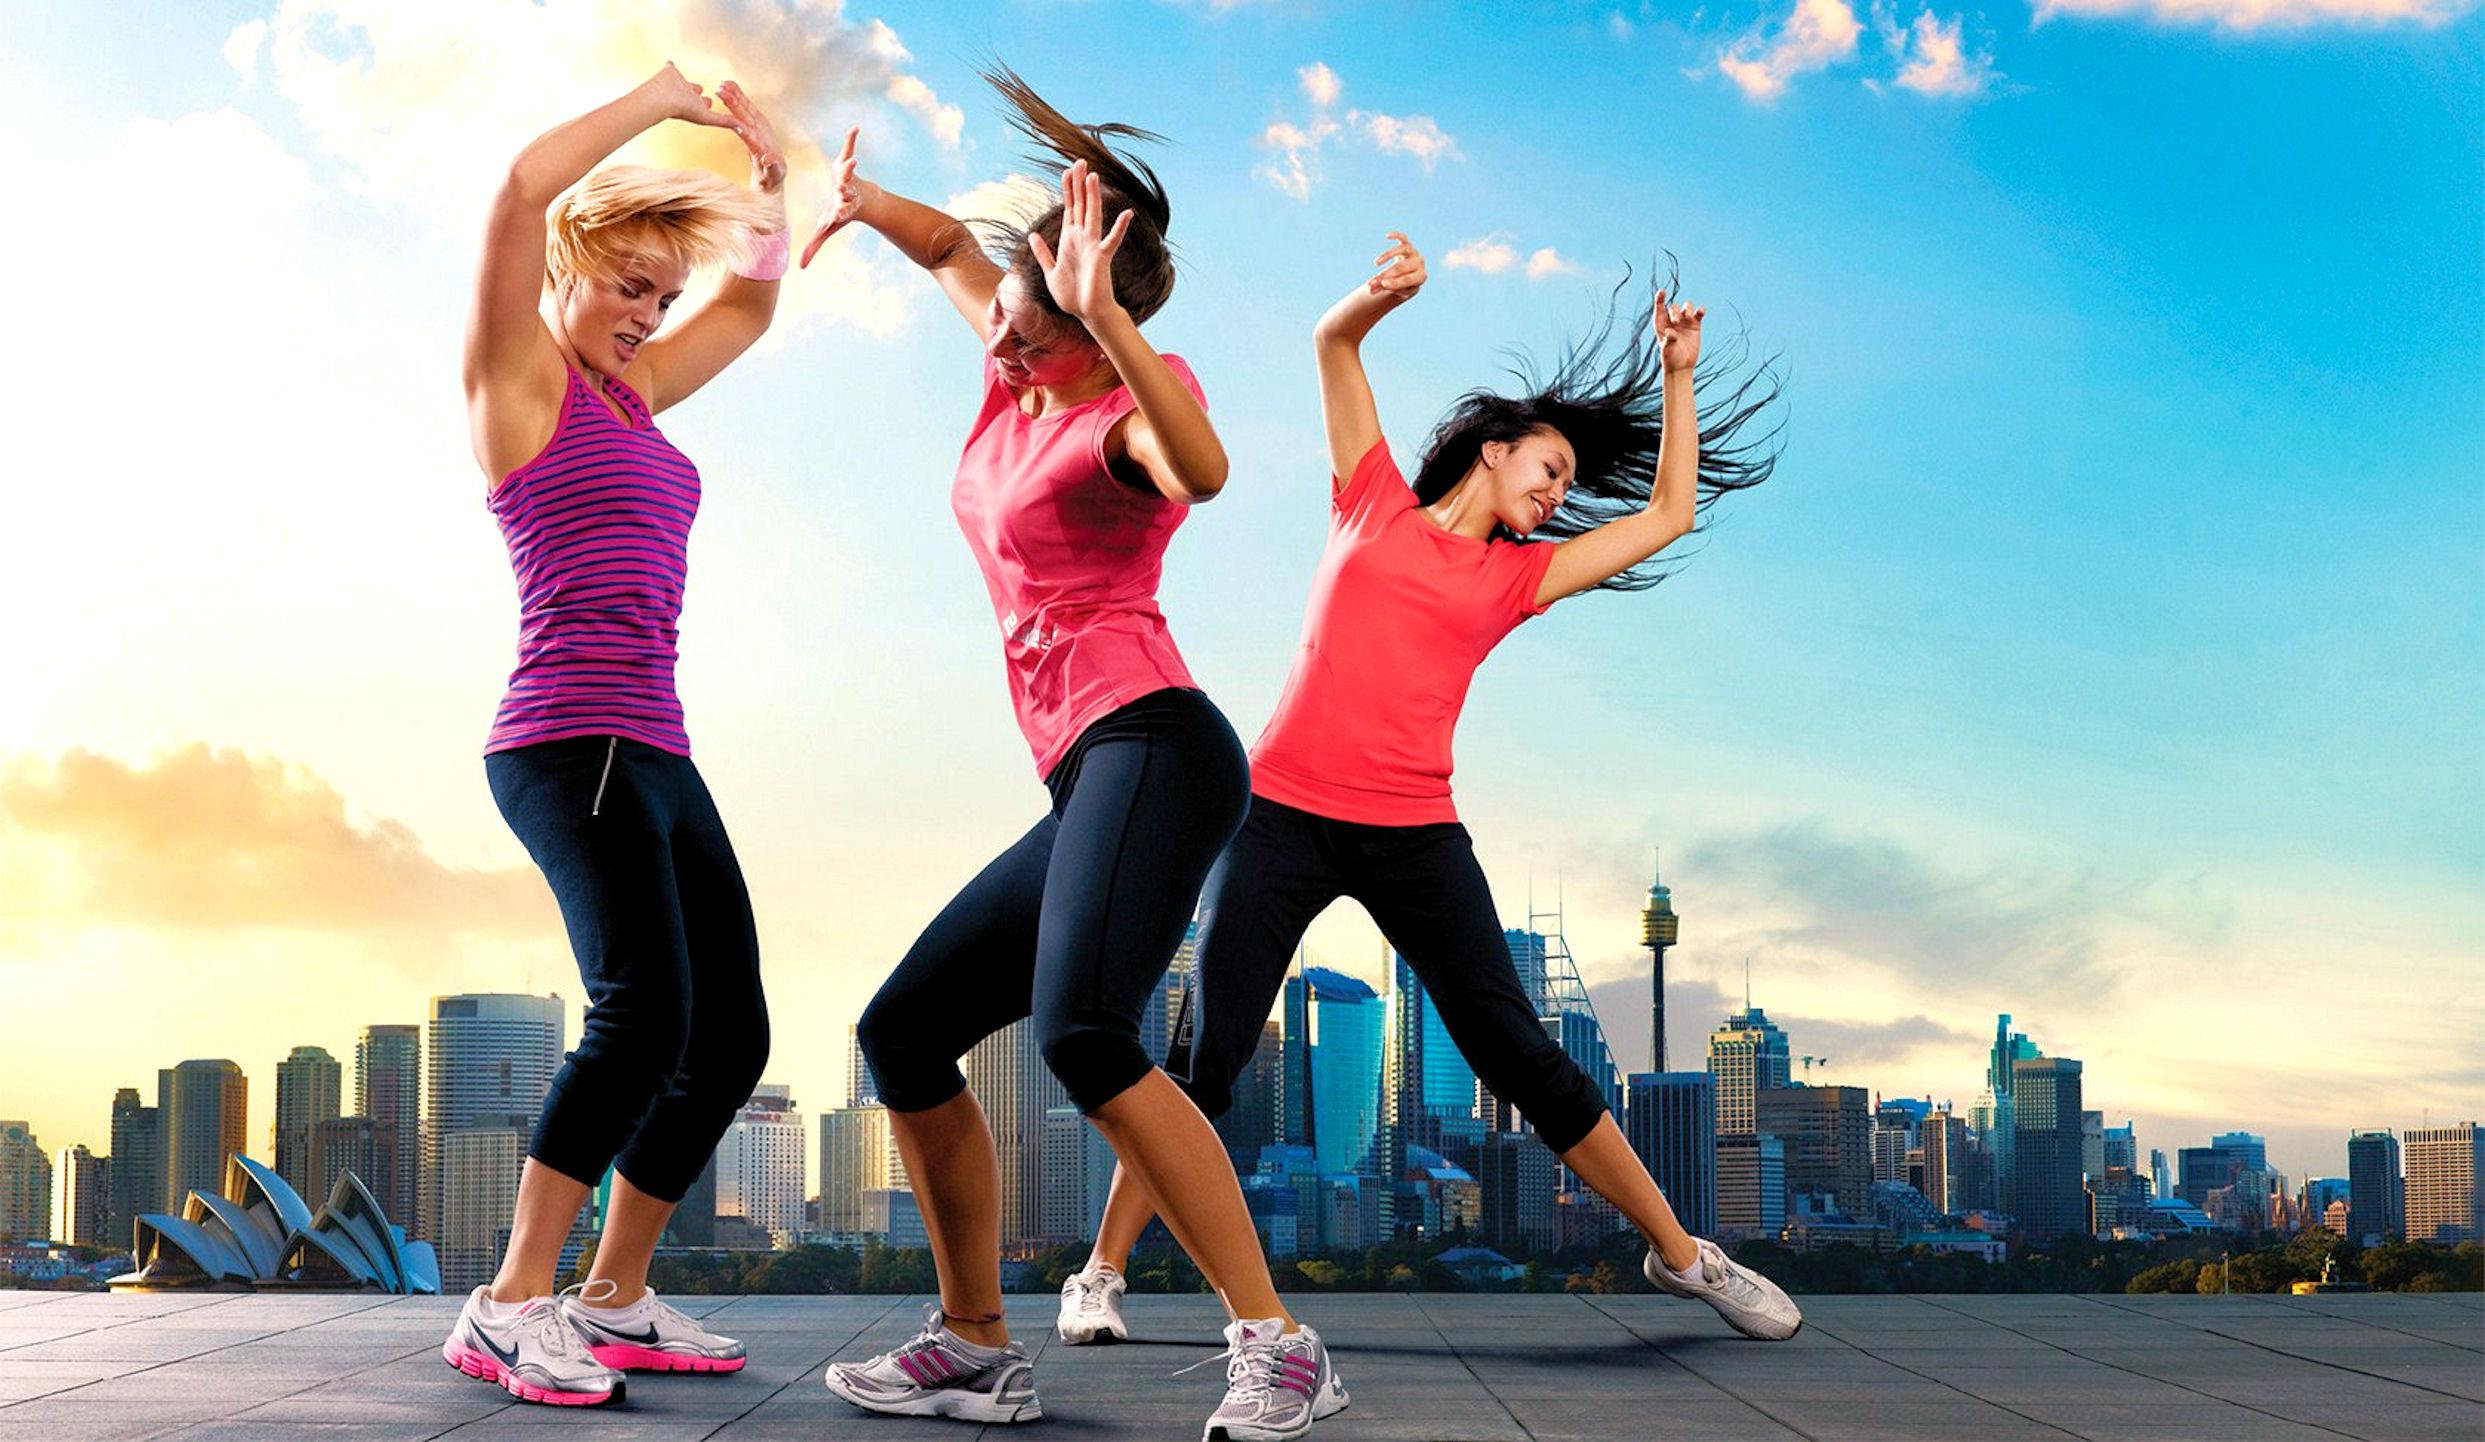 Quarentena: 10 músicas para aprender as coreografias no tempo livre